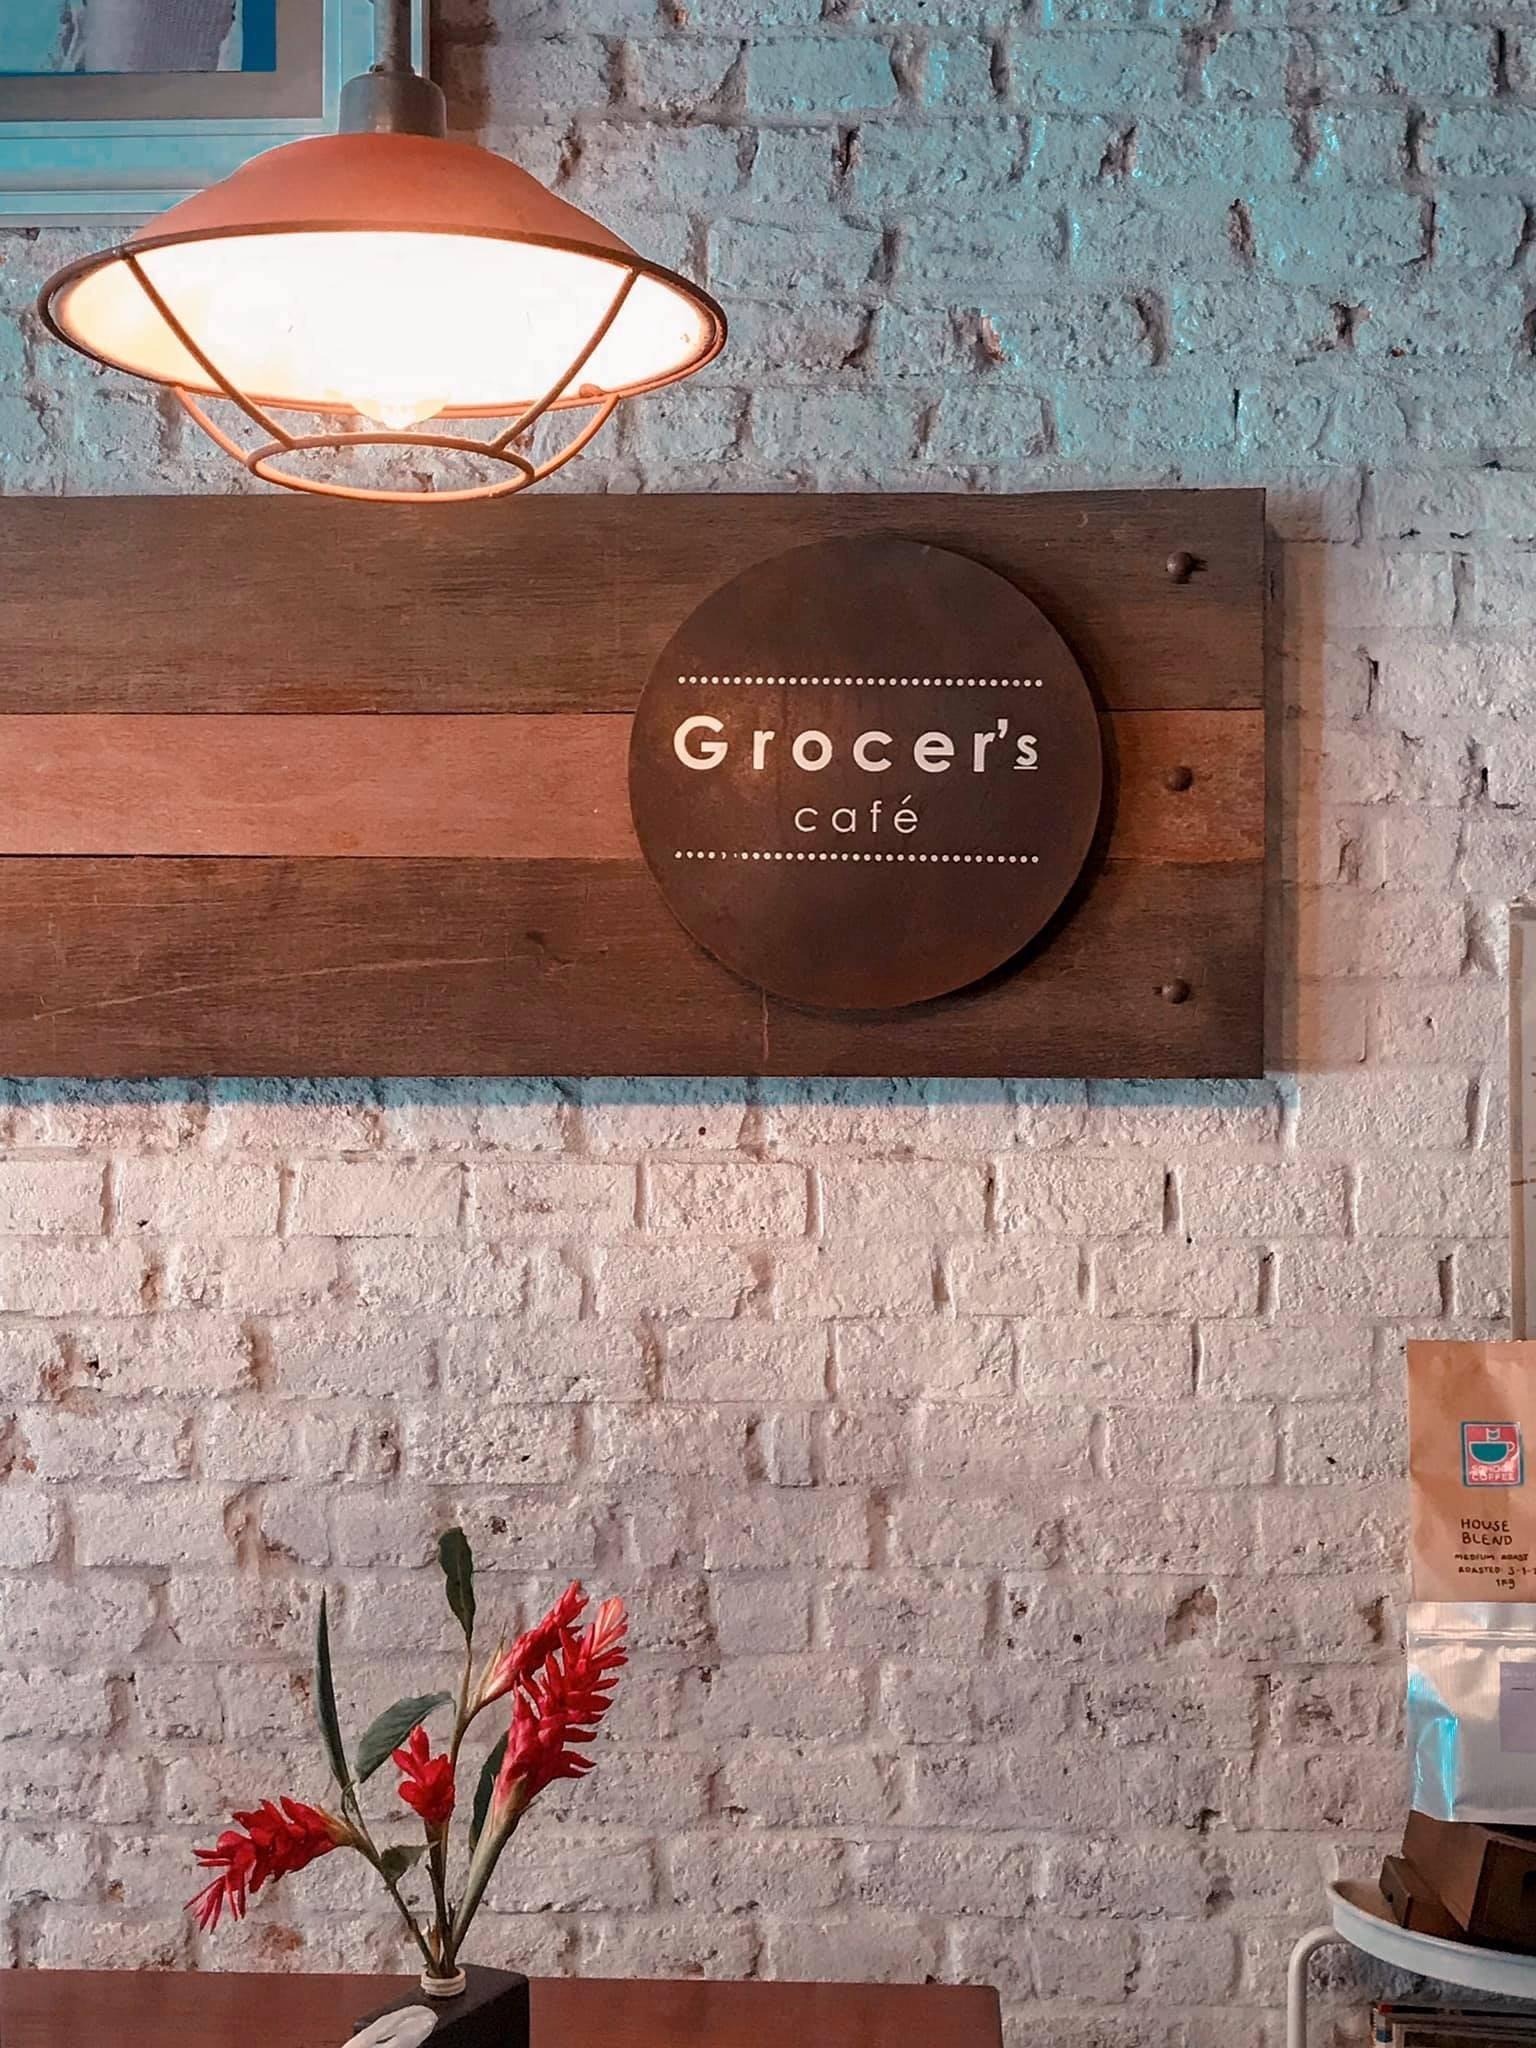 Grocer's Caf ร้านตกแต่งน่ารักๆขนาดเล็ก อาหารอร่อย กาแฟดี มีเมนูให้เลือกเยอะมวากกกก 10/10